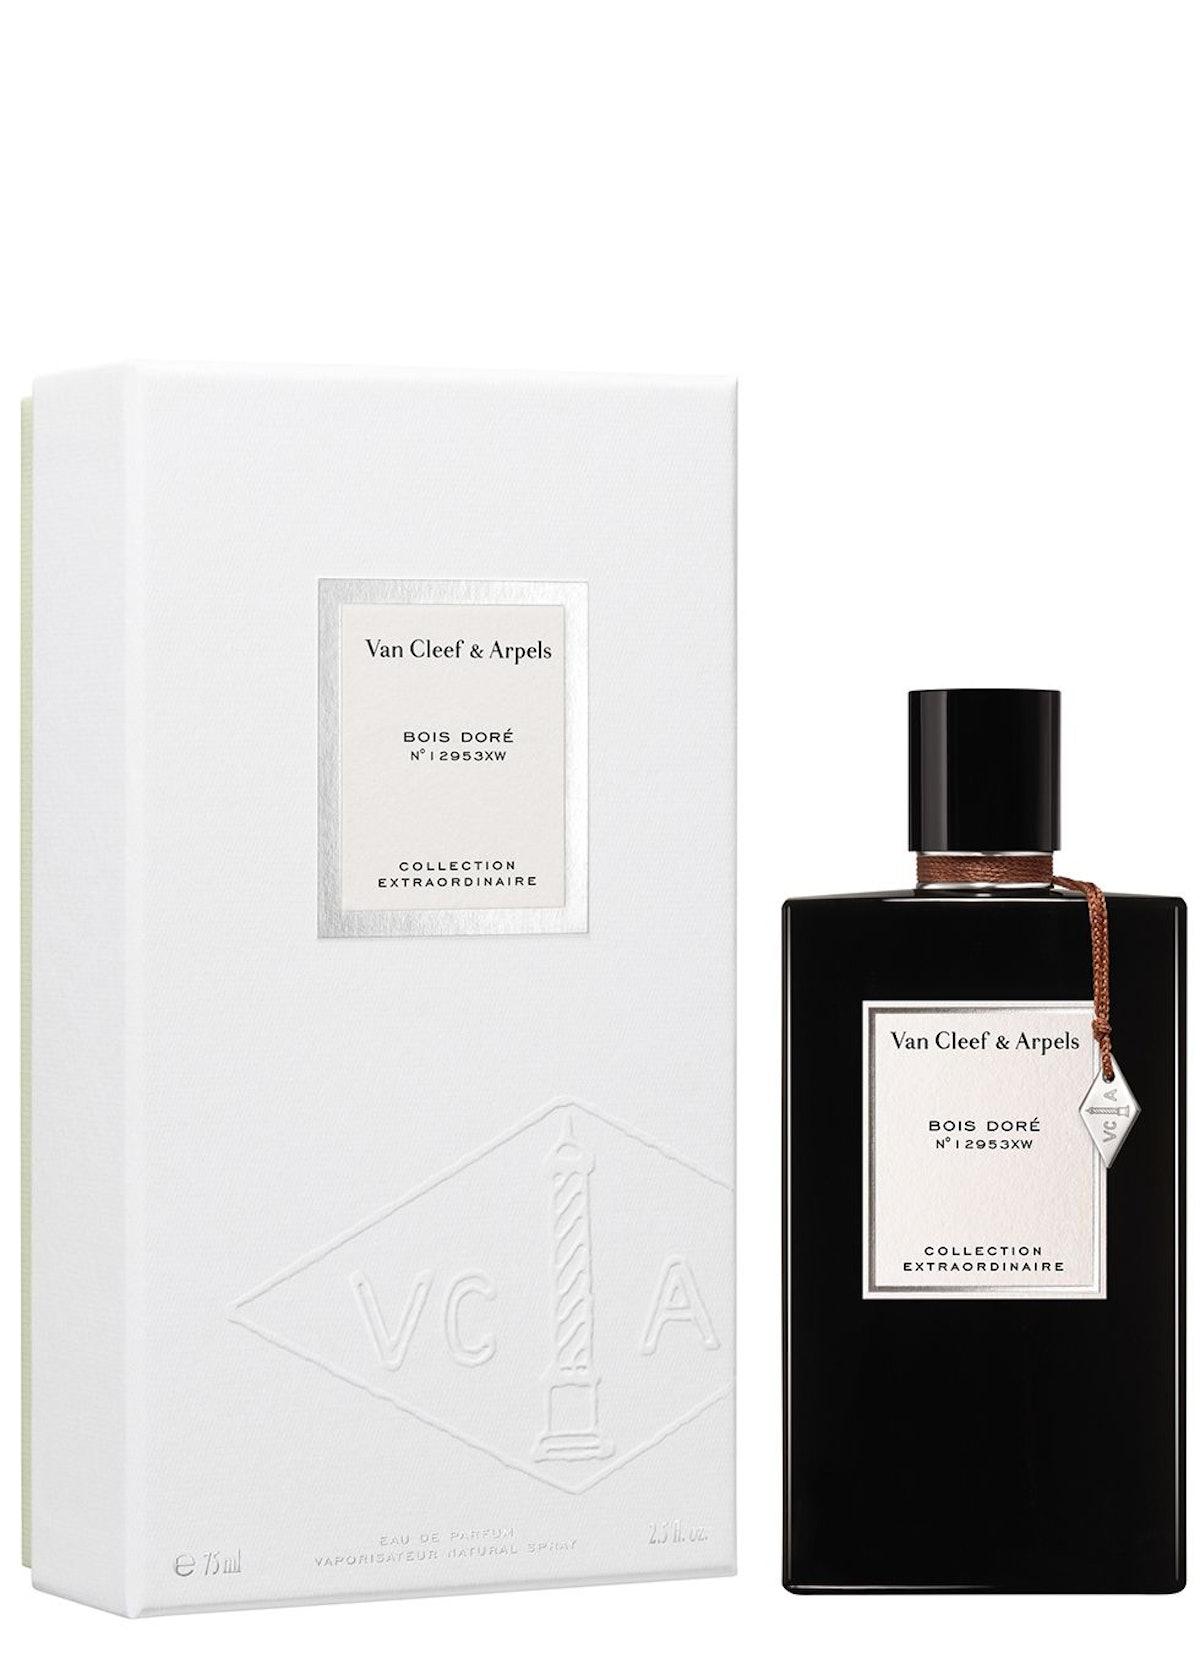 Collection Extraordinaire Bois Doré Eau De Parfum 75ml: additional image